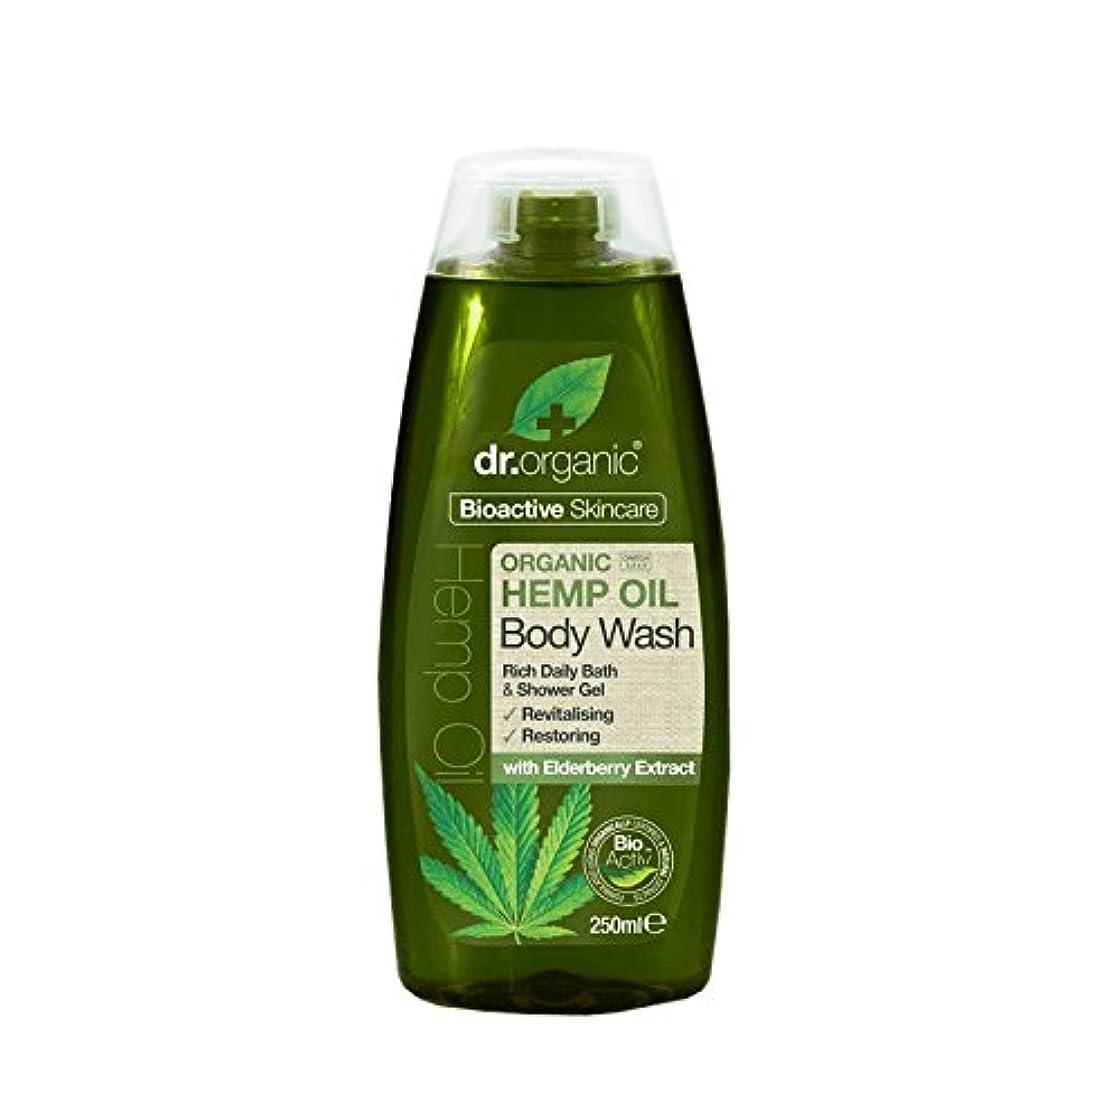 バケット発行する動くDr有機ヘンプオイルボディウォッシュ250ミリリットル - Dr Organic Hemp Oil Body Wash 250ml (Dr Organic) [並行輸入品]